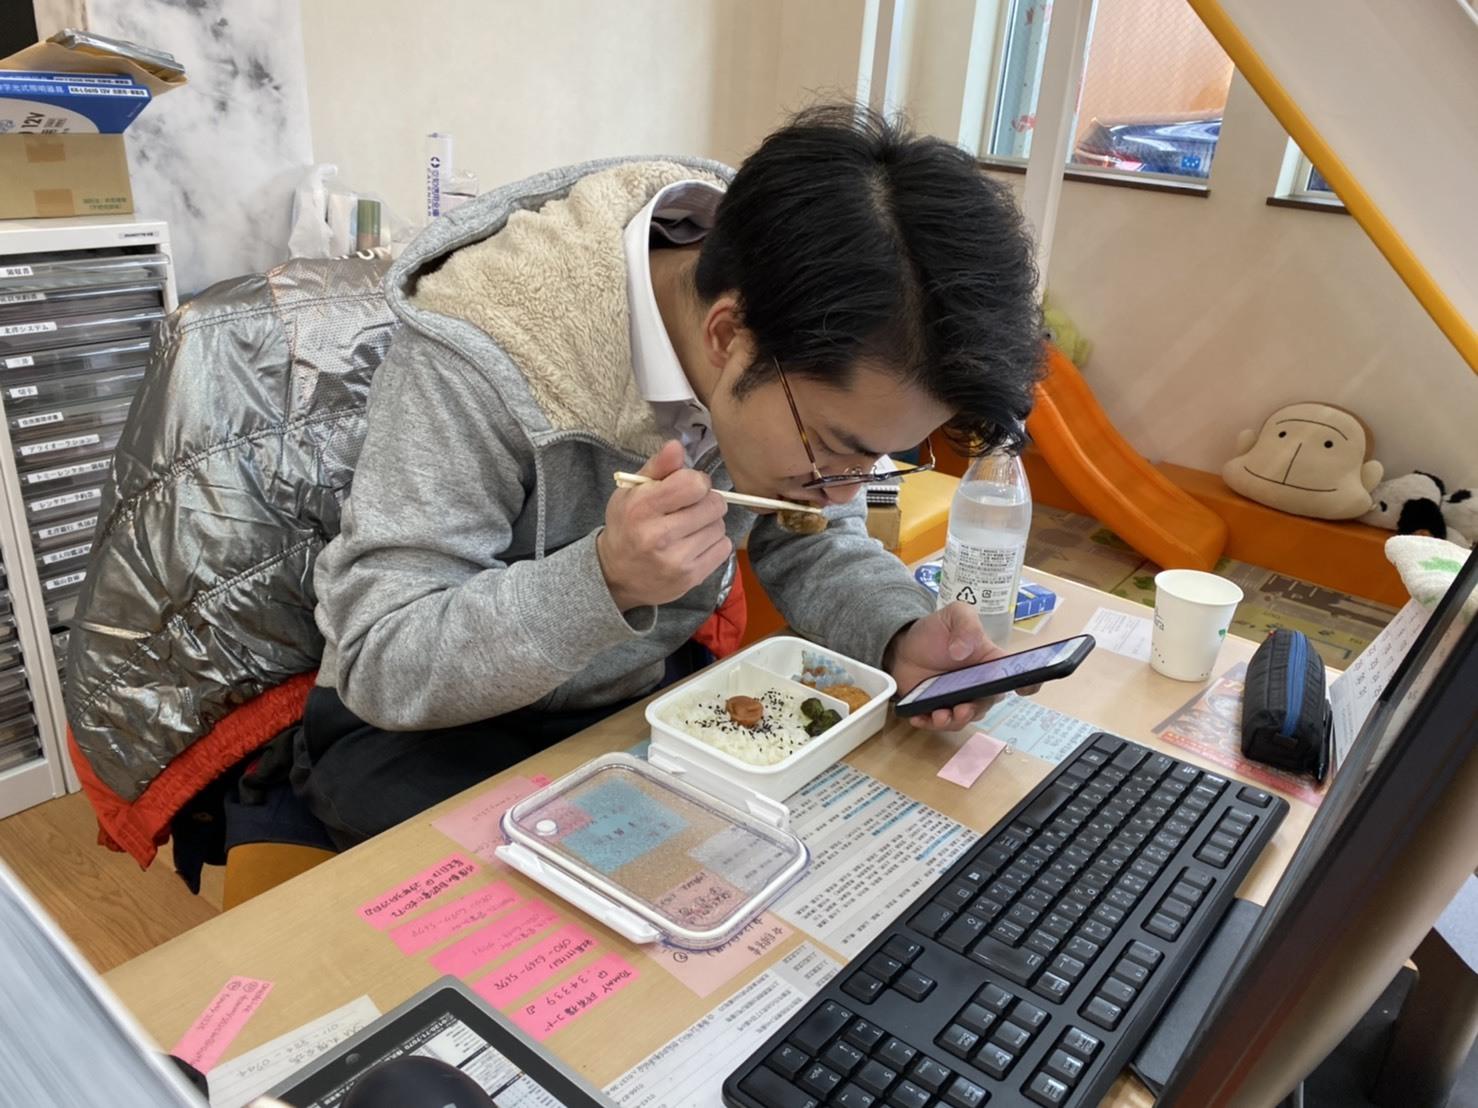 12月26日(木)♡ベンツAMG GT63あります✊ ランクル エスカレード ハマー TOMMY♡_b0127002_18125107.jpg